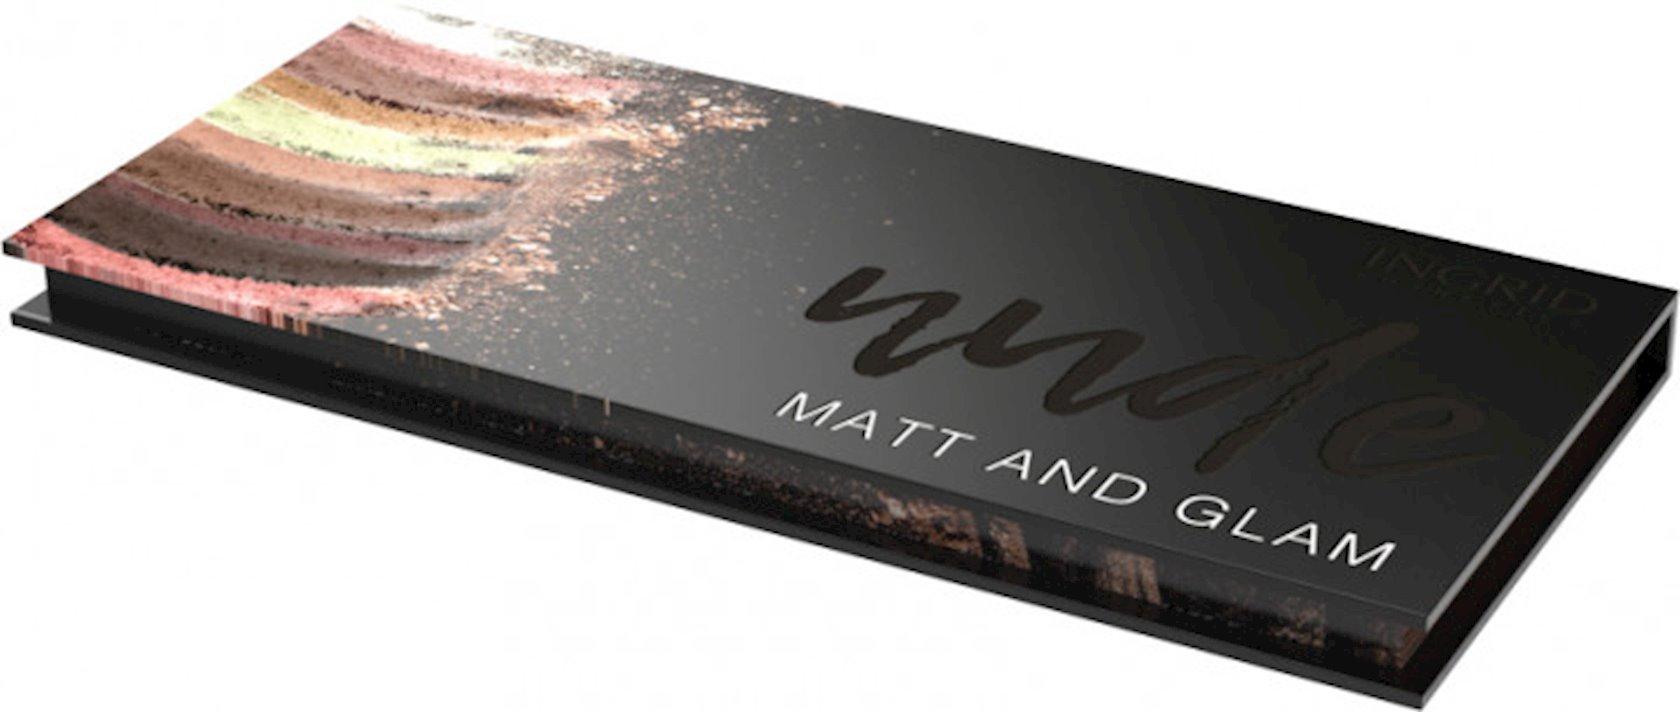 Peşəkar göz kölgələri paleti Ingrid Matt Glam Nude Of Natural Beauty, 10 çalar, 27 q